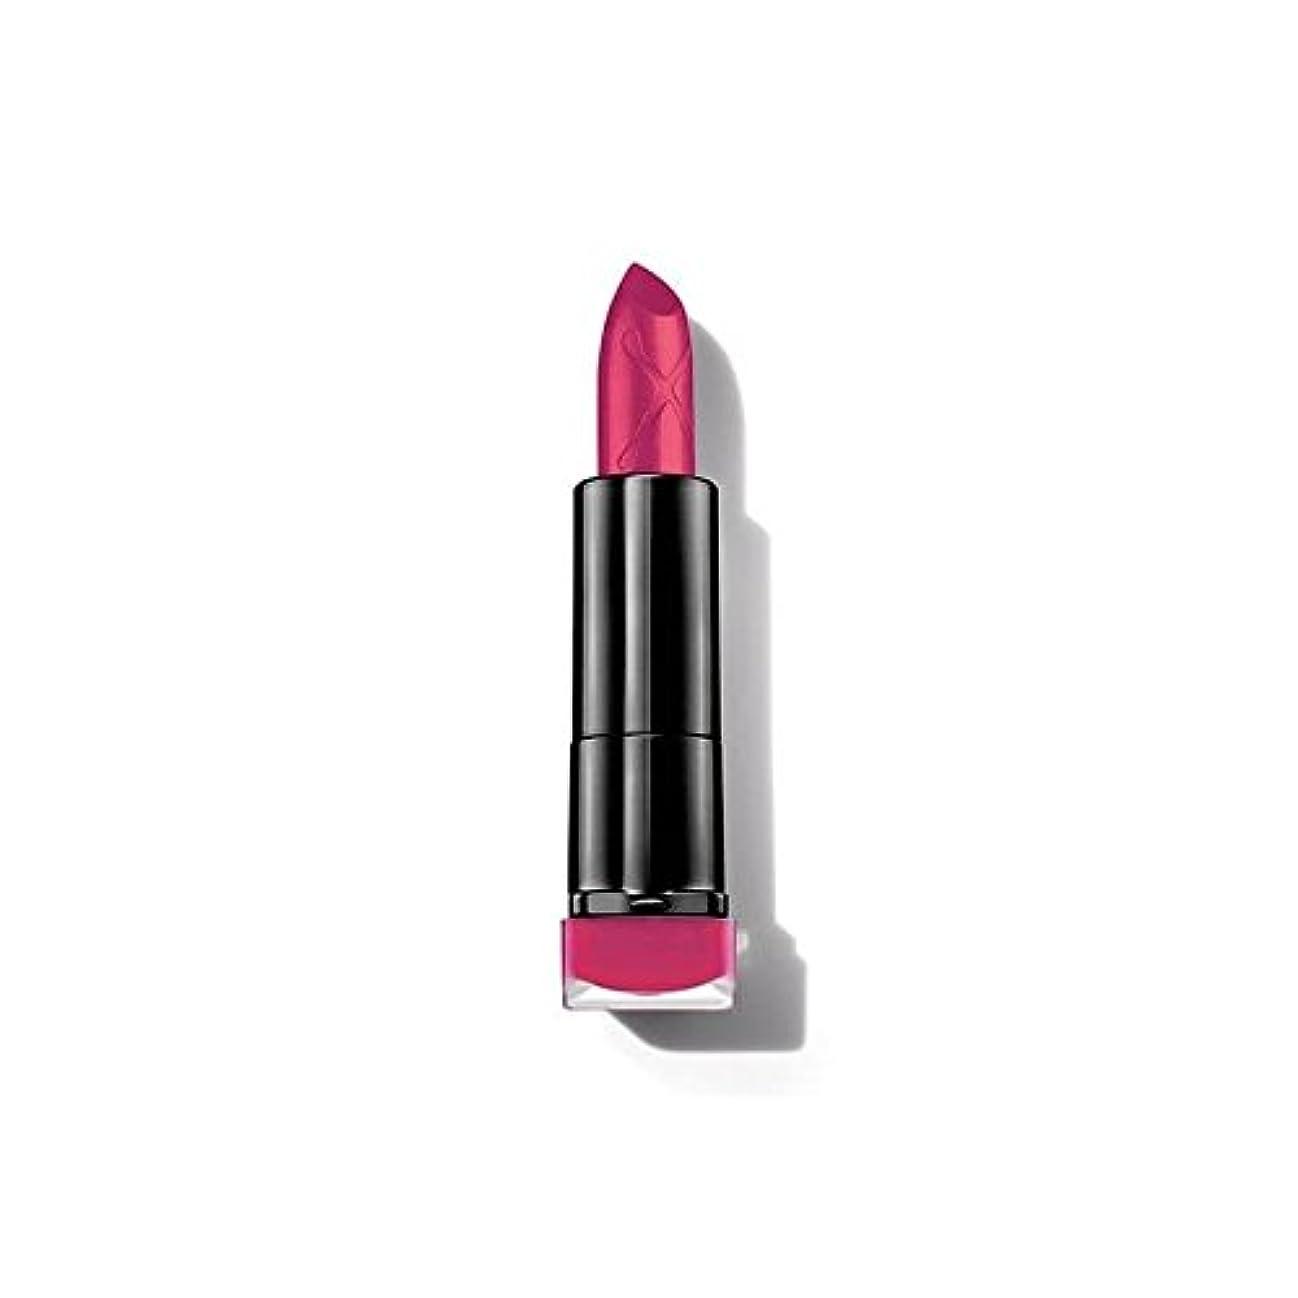 つまらない検出する無実マックスファクターカラーエリキシルマット弾丸口紅赤面25 x4 - Max Factor Colour Elixir Matte Bullet Lipstick Blush 25 (Pack of 4) [並行輸入品]